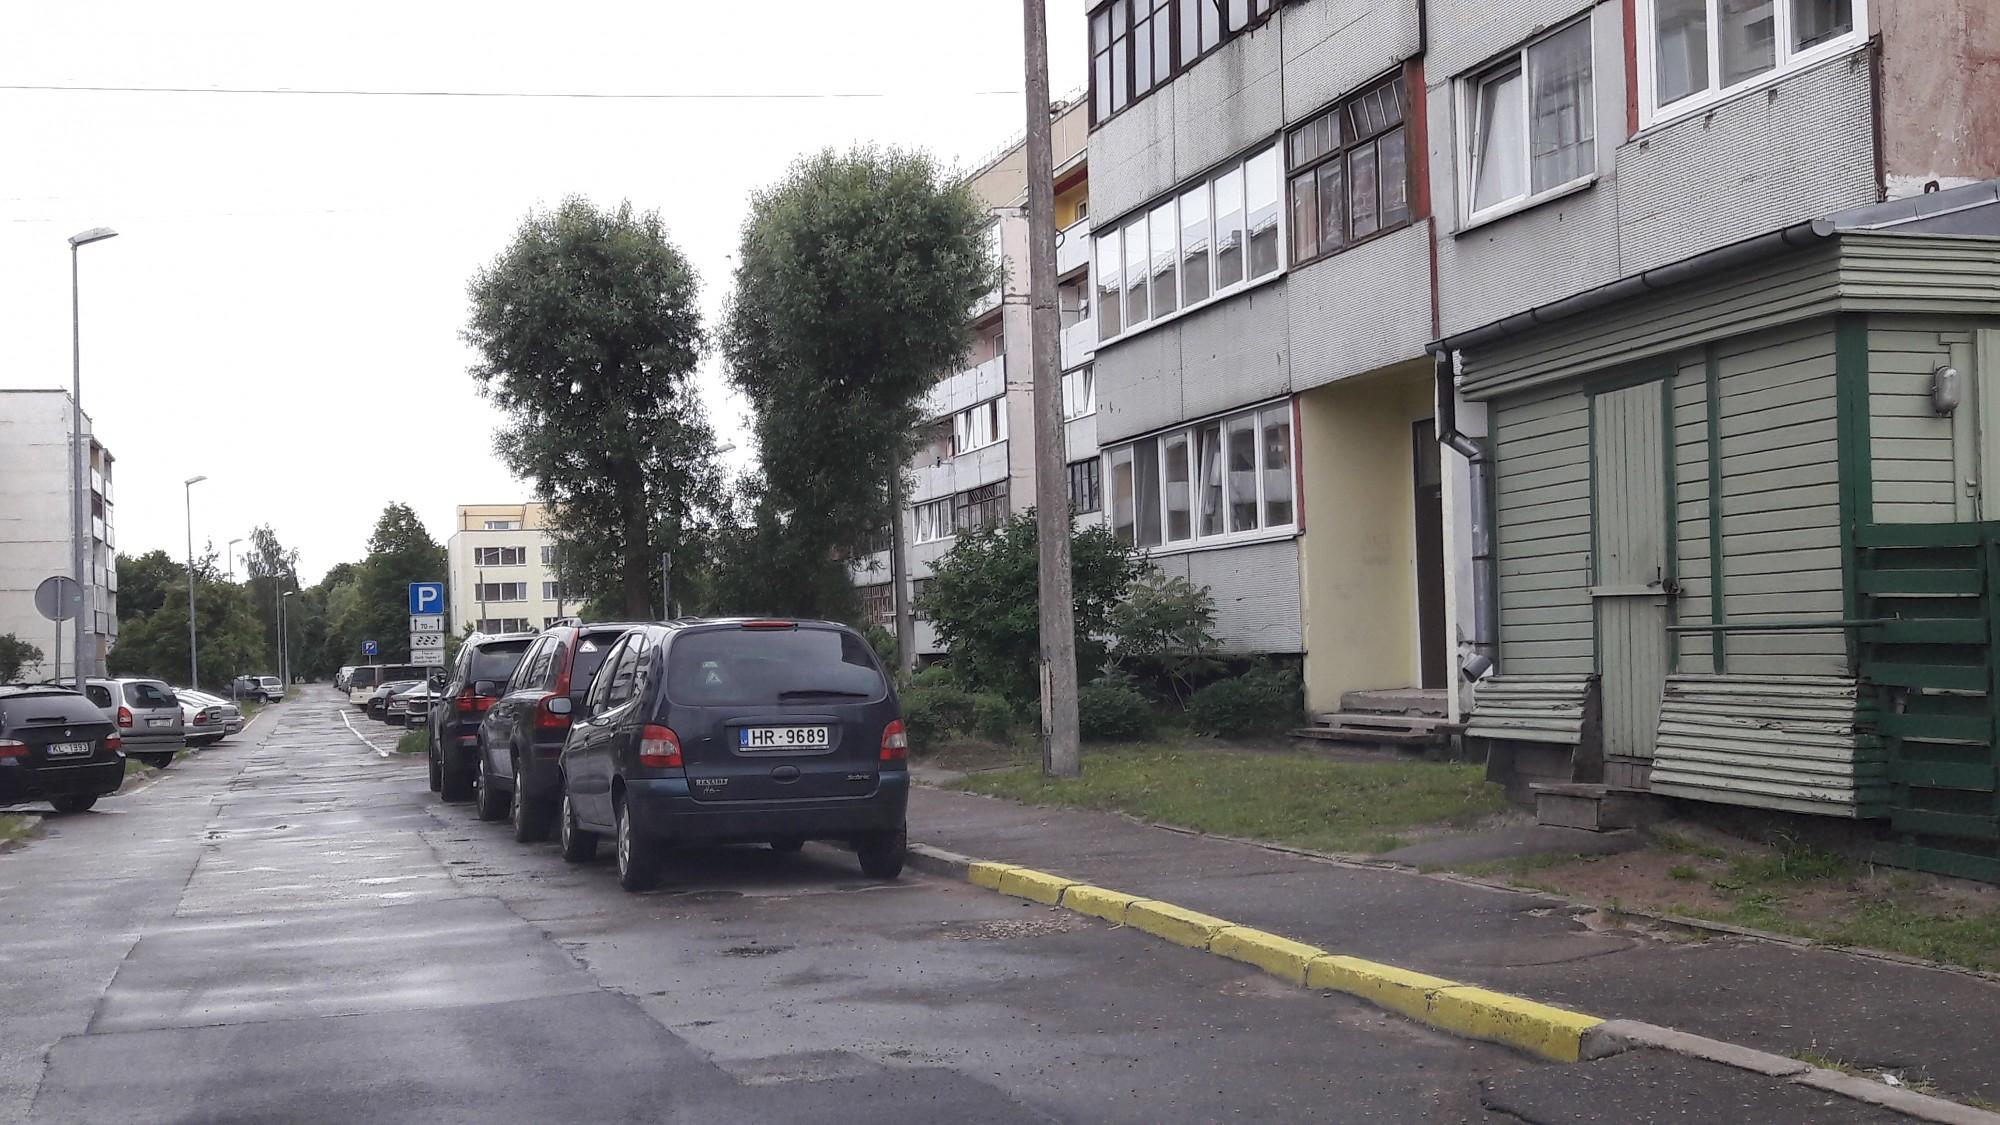 Dzeltenās līnijas Ugāles ielā ir nelikumīgas, tās būs jālikvidē